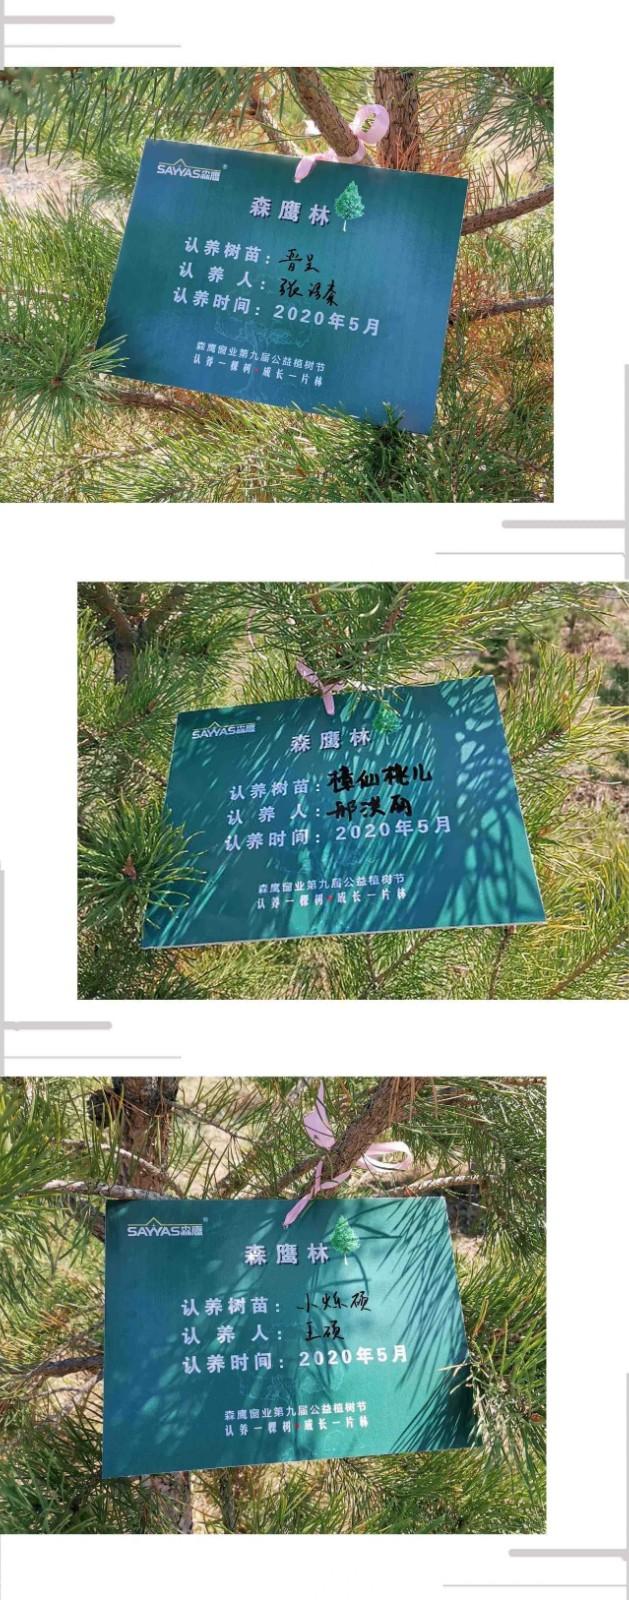 从扩大的森鹰林到消失的毛乌素,你认领的树苗再填新绿!